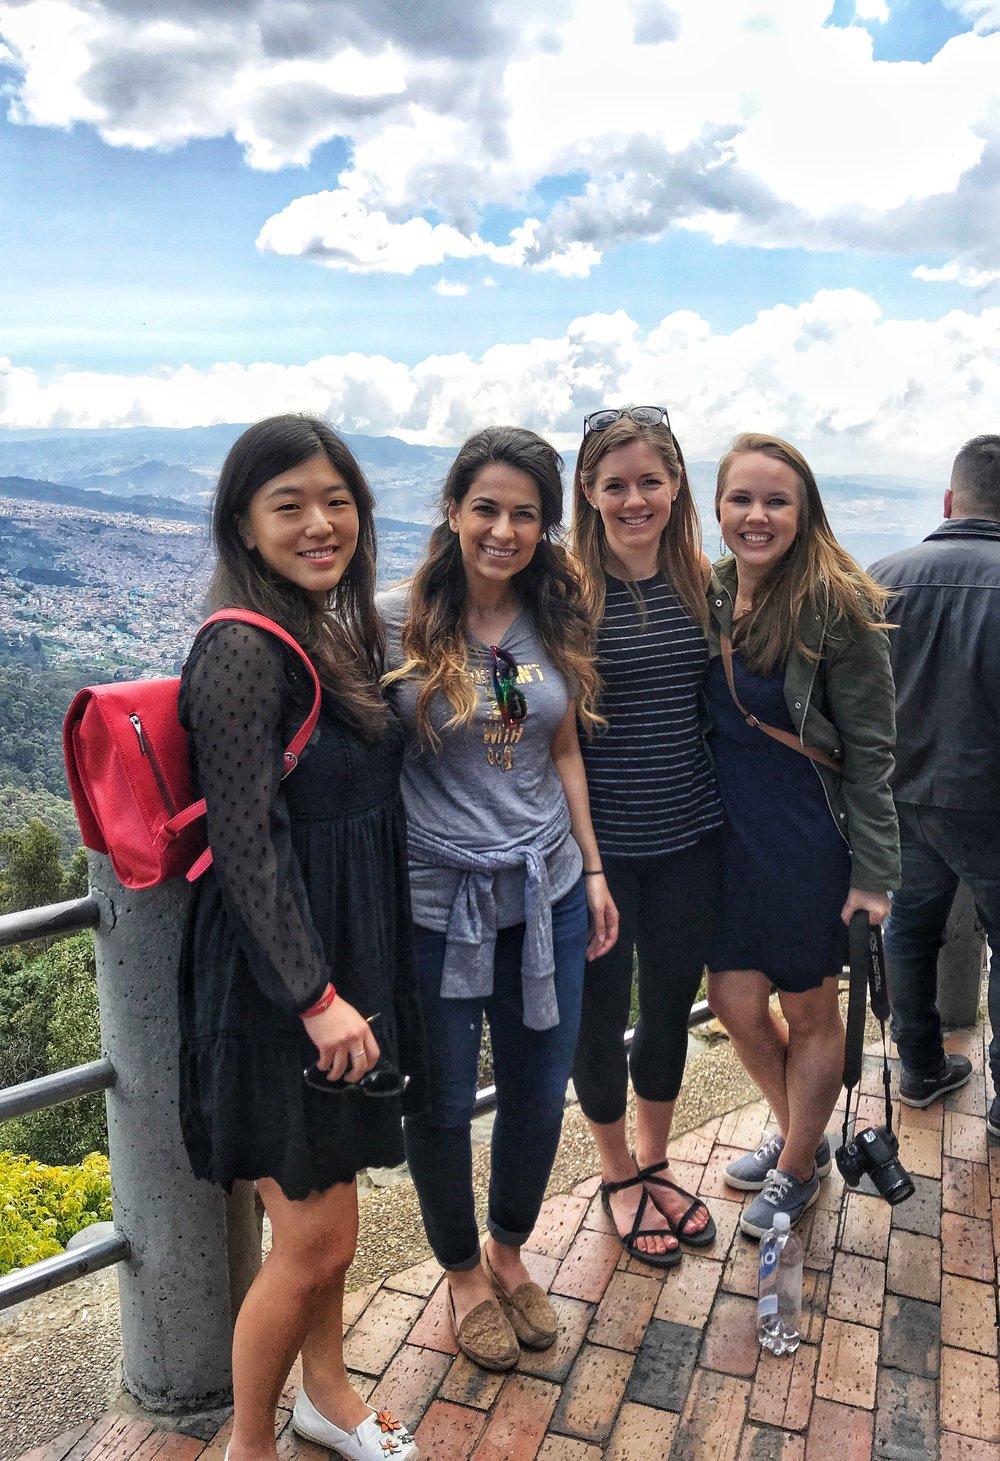 Partners enjoying Spring Break in Colombia